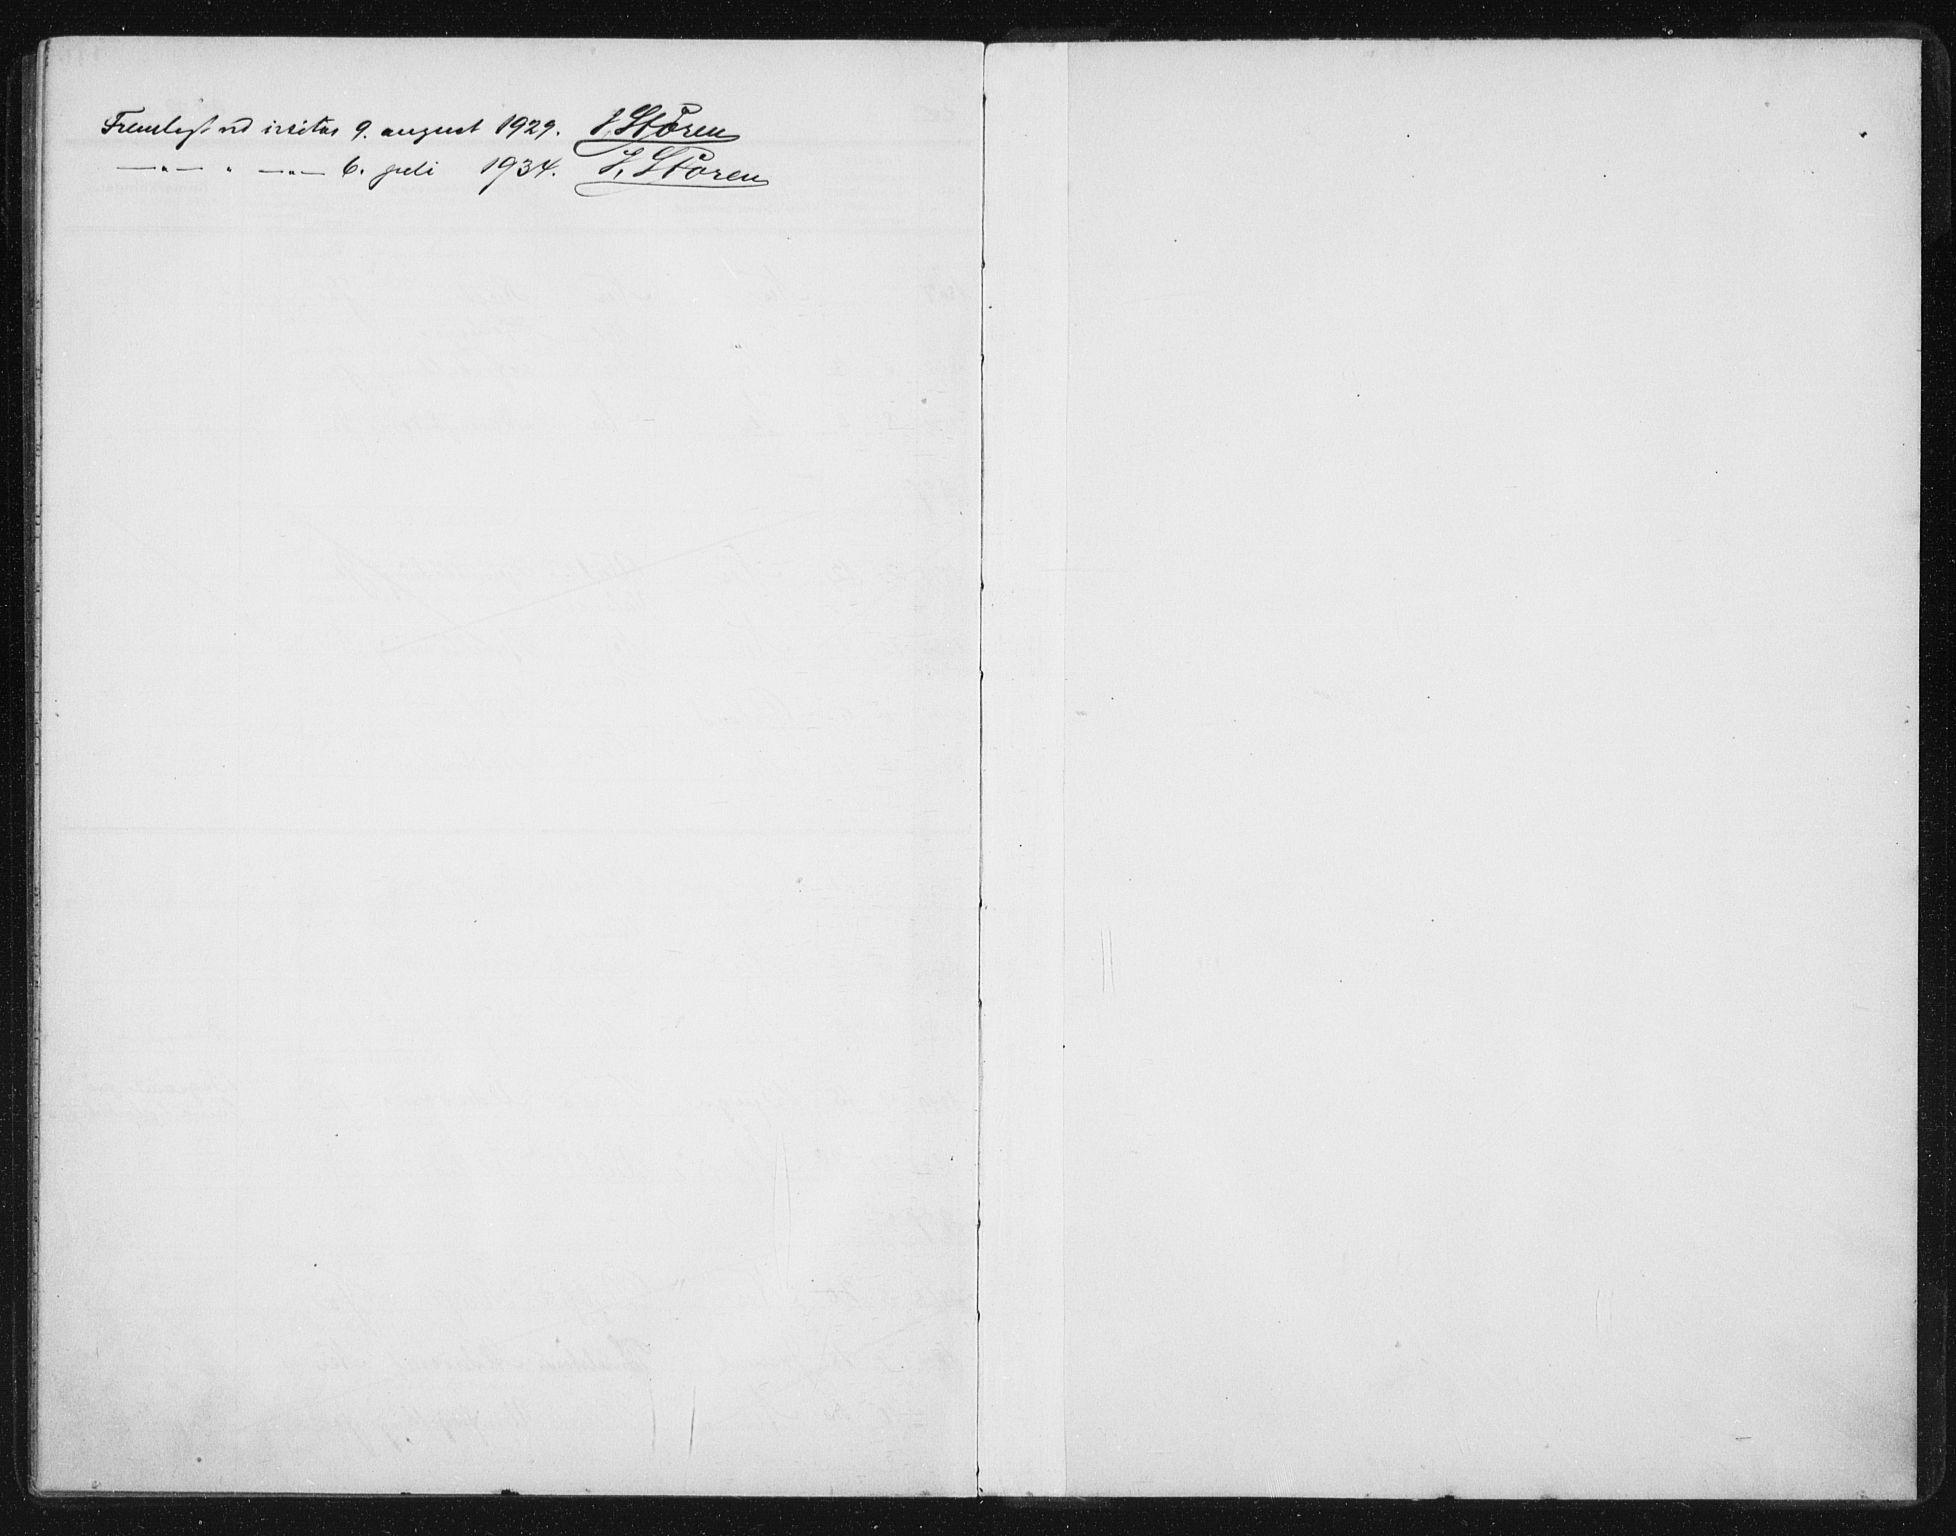 SAT, Ministerialprotokoller, klokkerbøker og fødselsregistre - Sør-Trøndelag, 652/L0654: Klokkerbok nr. 652C02, 1910-1937